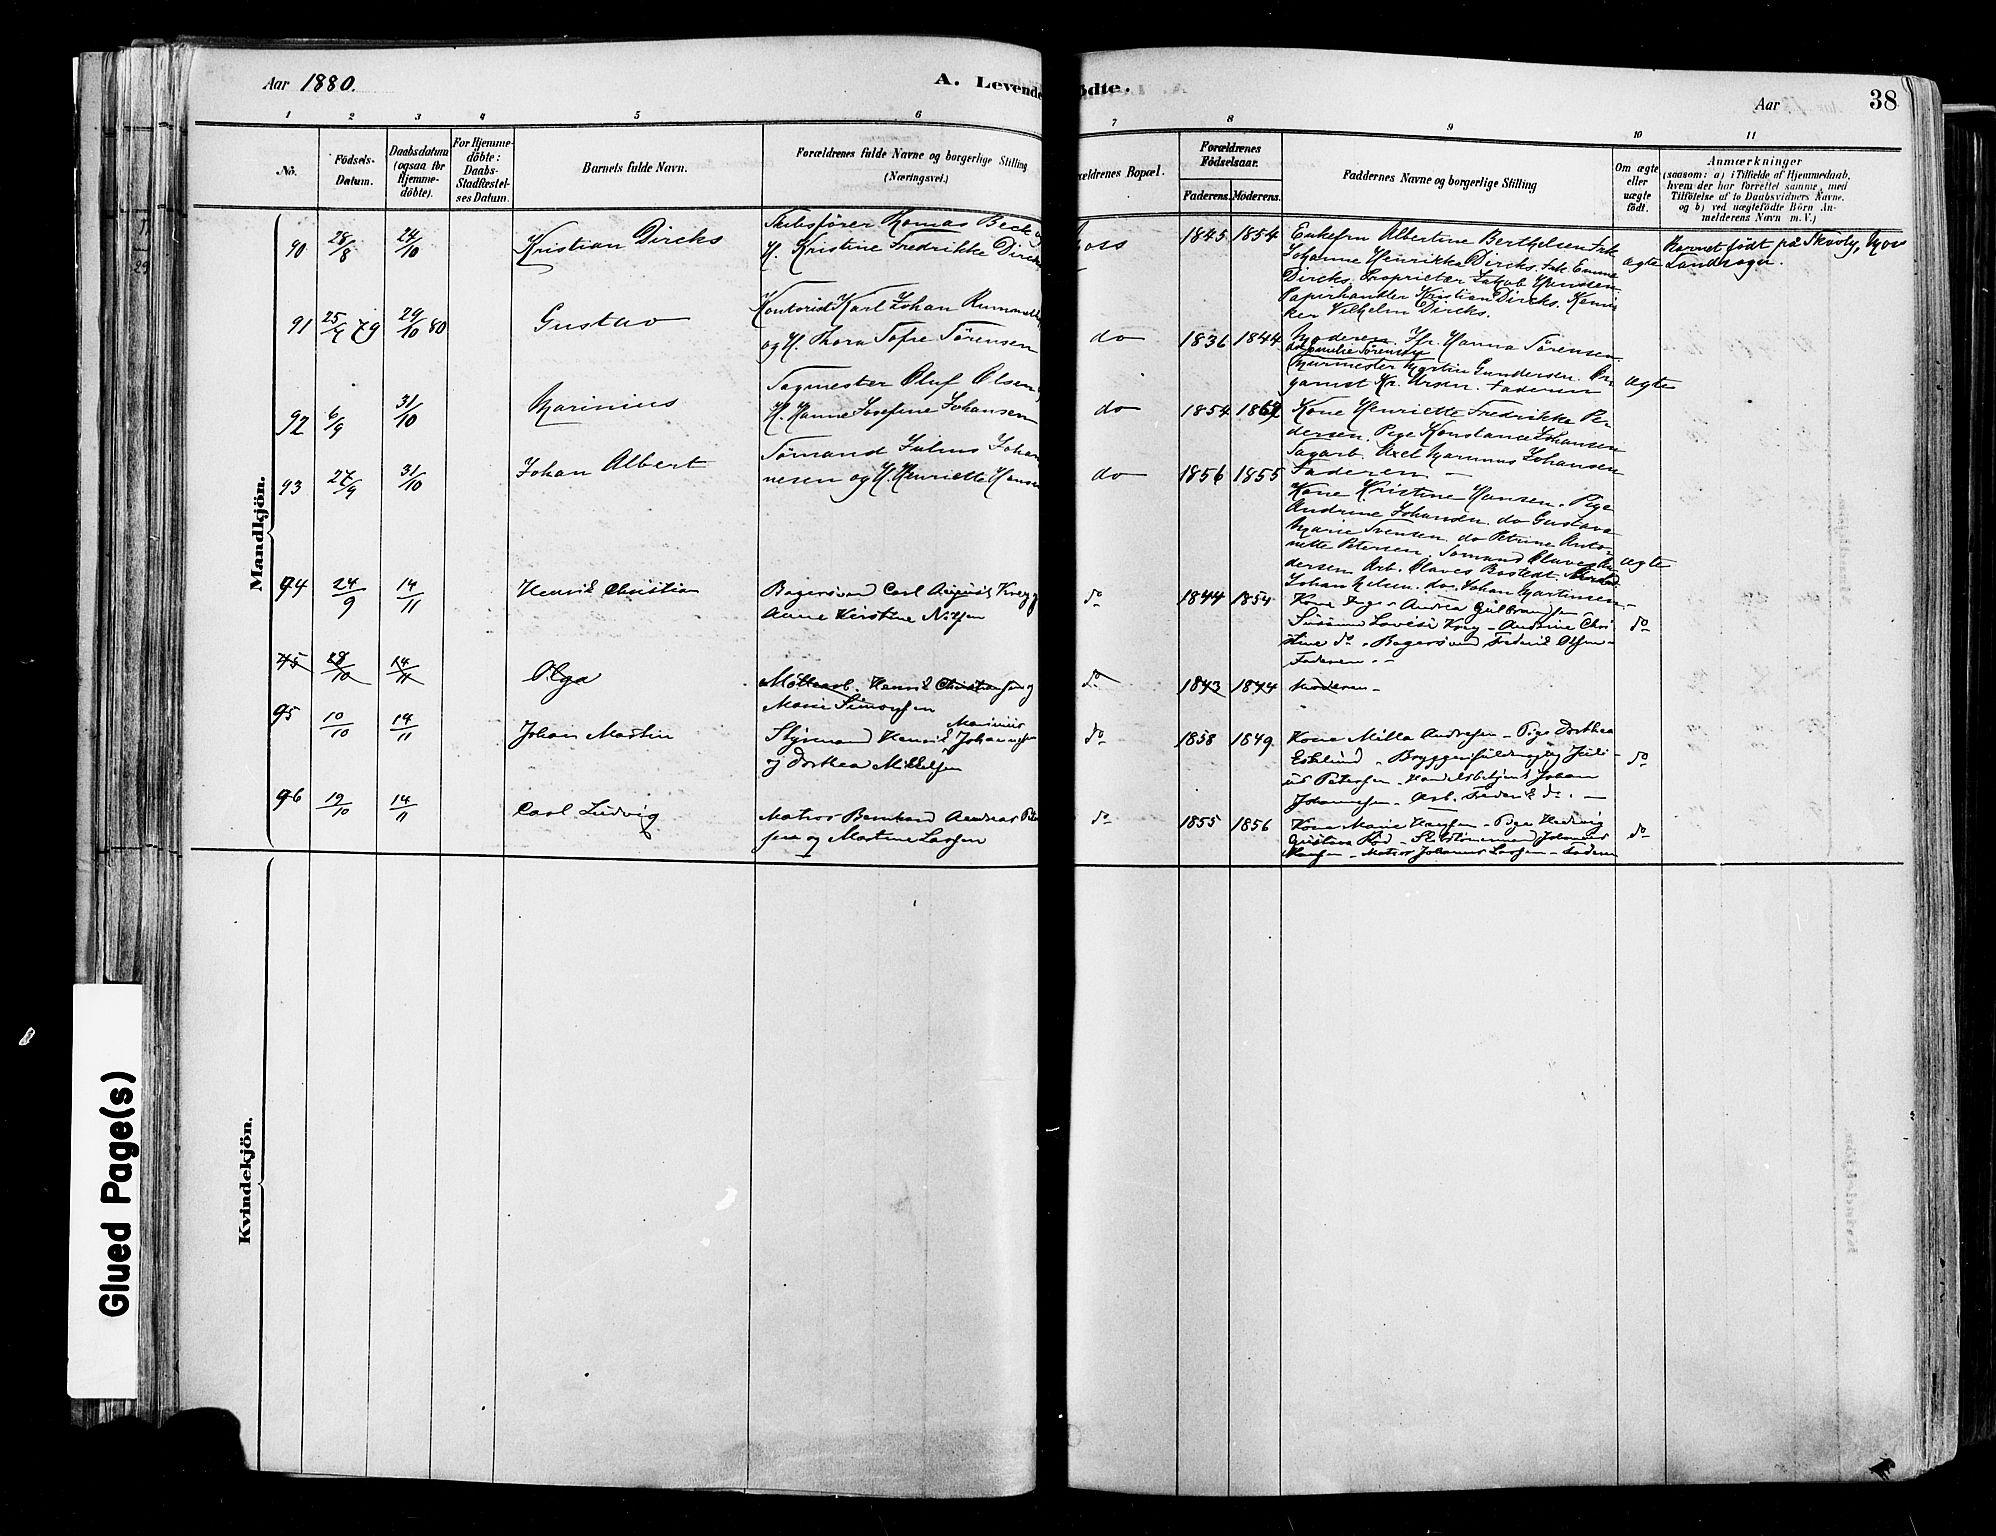 SAO, Moss prestekontor Kirkebøker, F/Fb/Fab/L0001: Ministerialbok nr. II 1, 1878-1886, s. 38